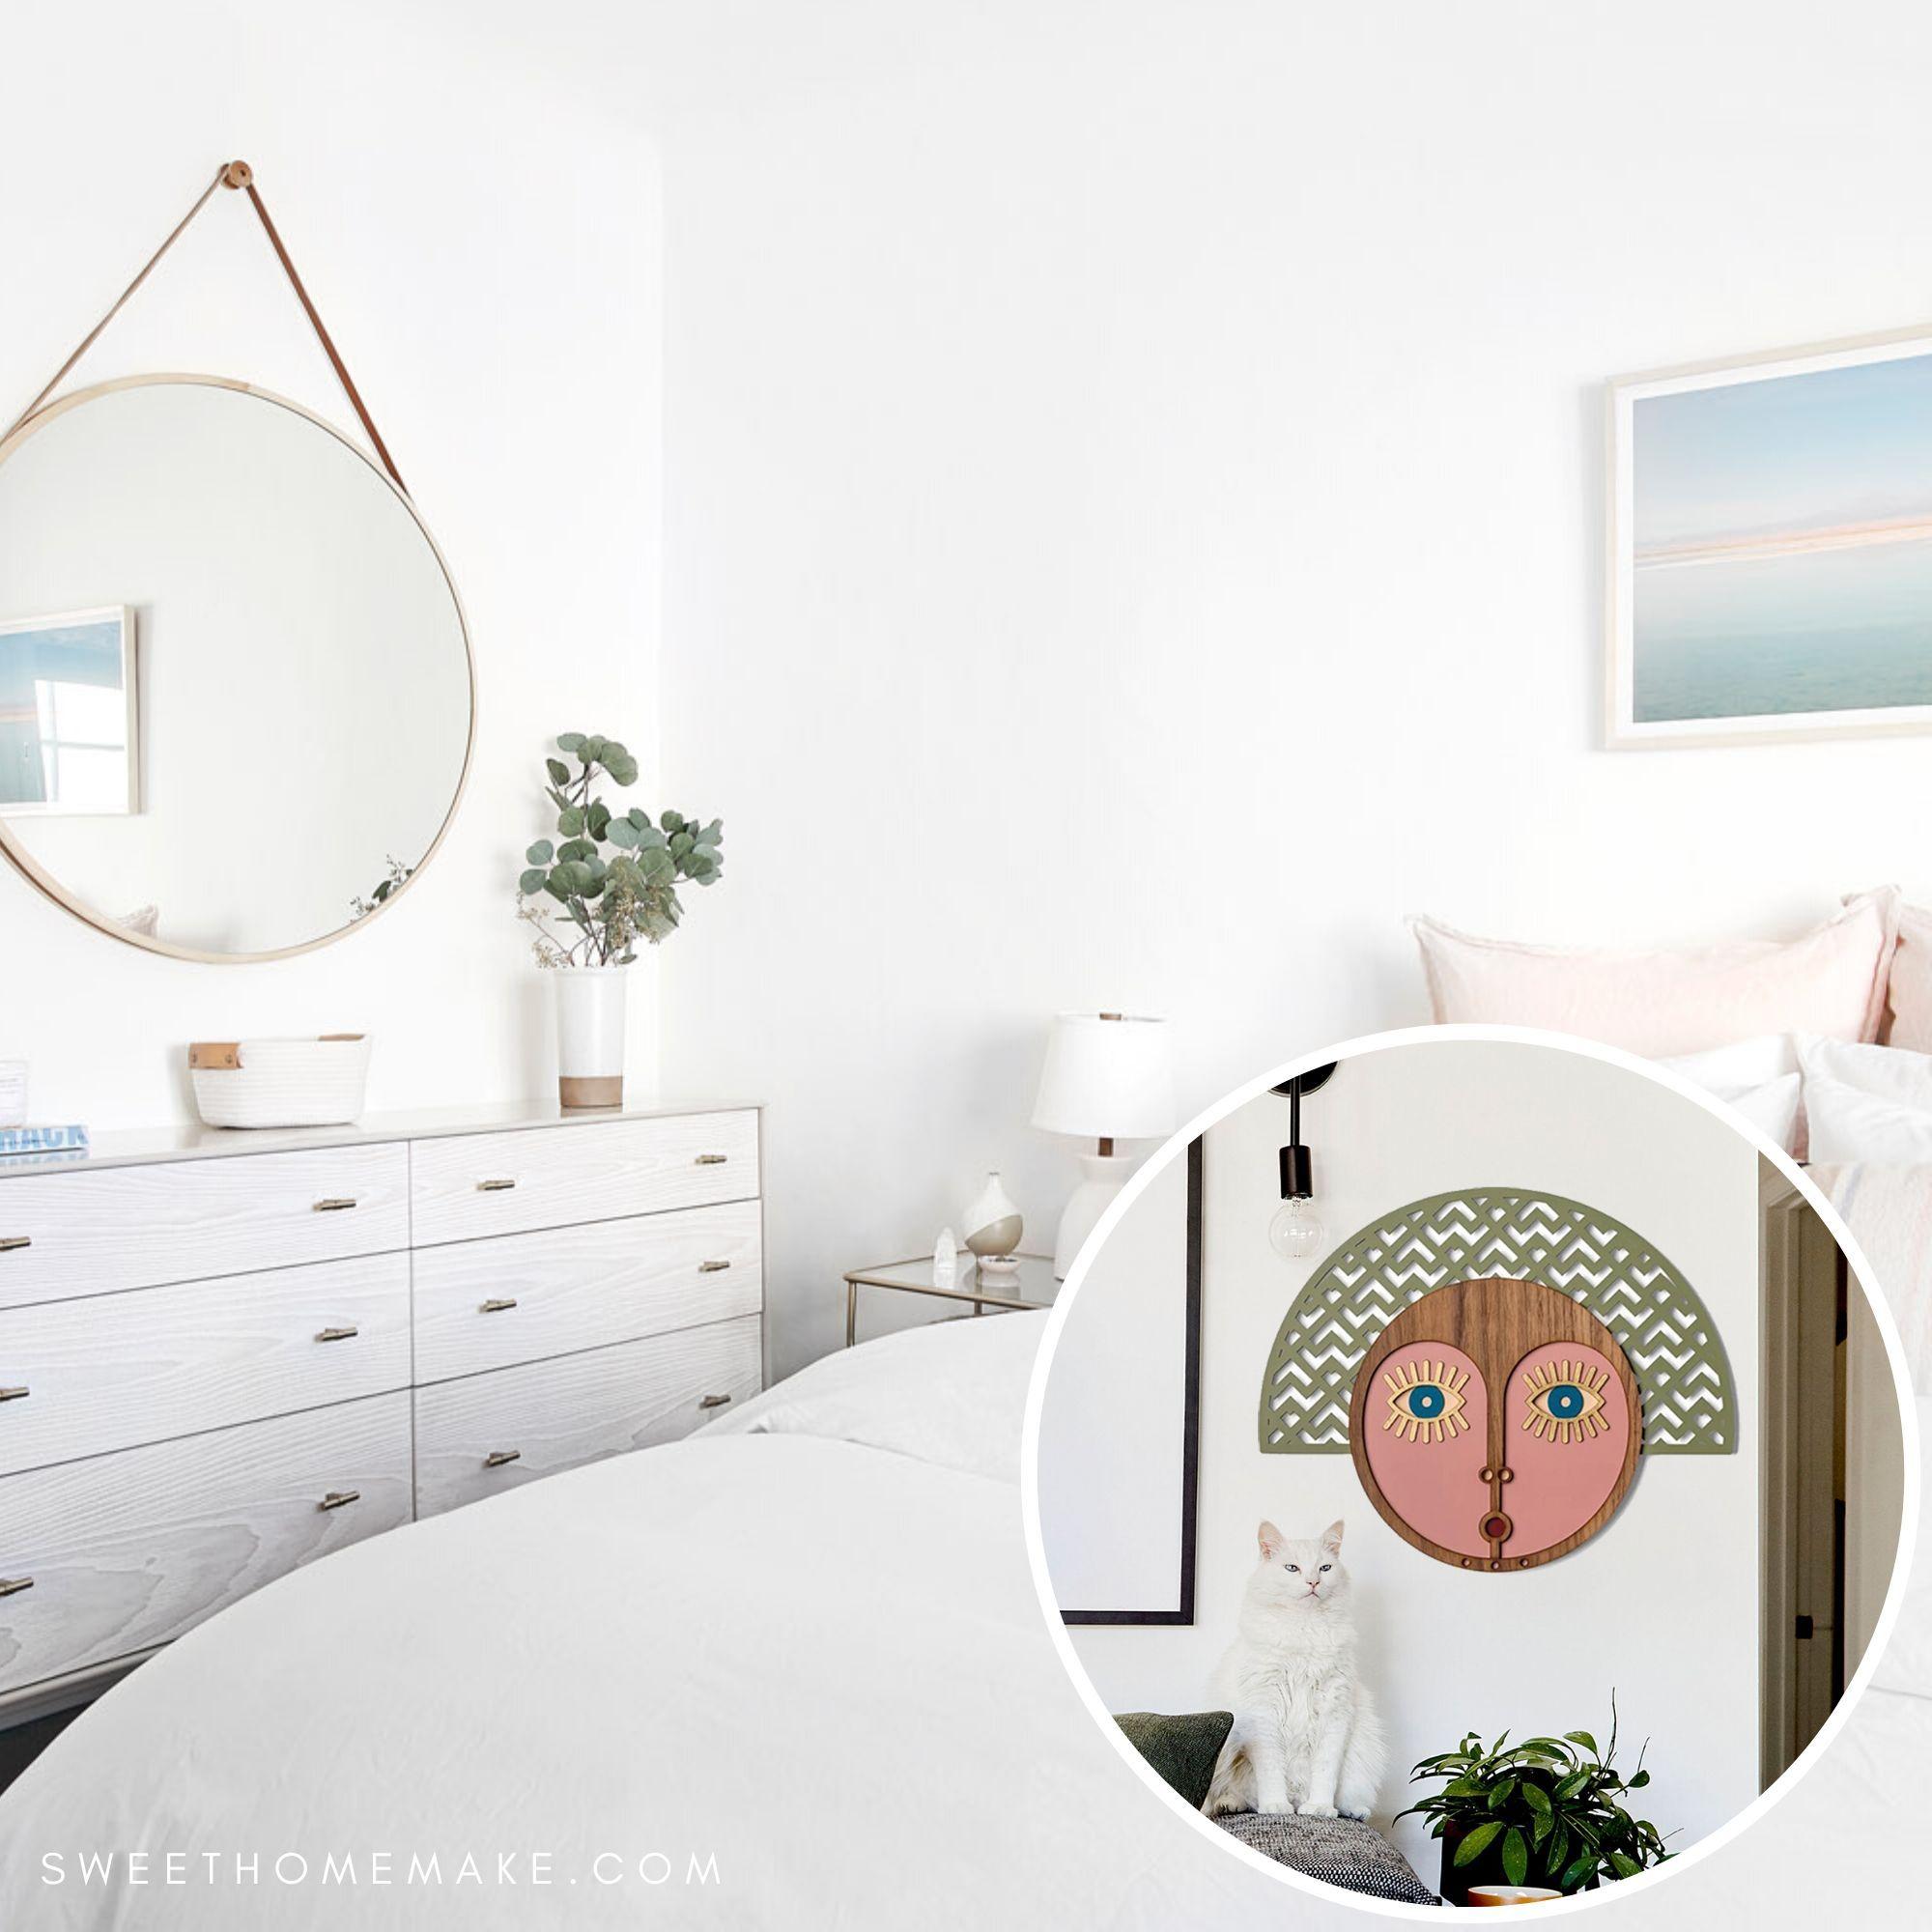 Full Size of Ausgefallener Wandaus Holz Fr Wohnzimmer Und Schlafzimmer Deckenleuchten Komplett Massivholz Stehlampe Lampe Wandtattoos Romantische Ausgefallene Betten Wohnzimmer Ausgefallene Schlafzimmer